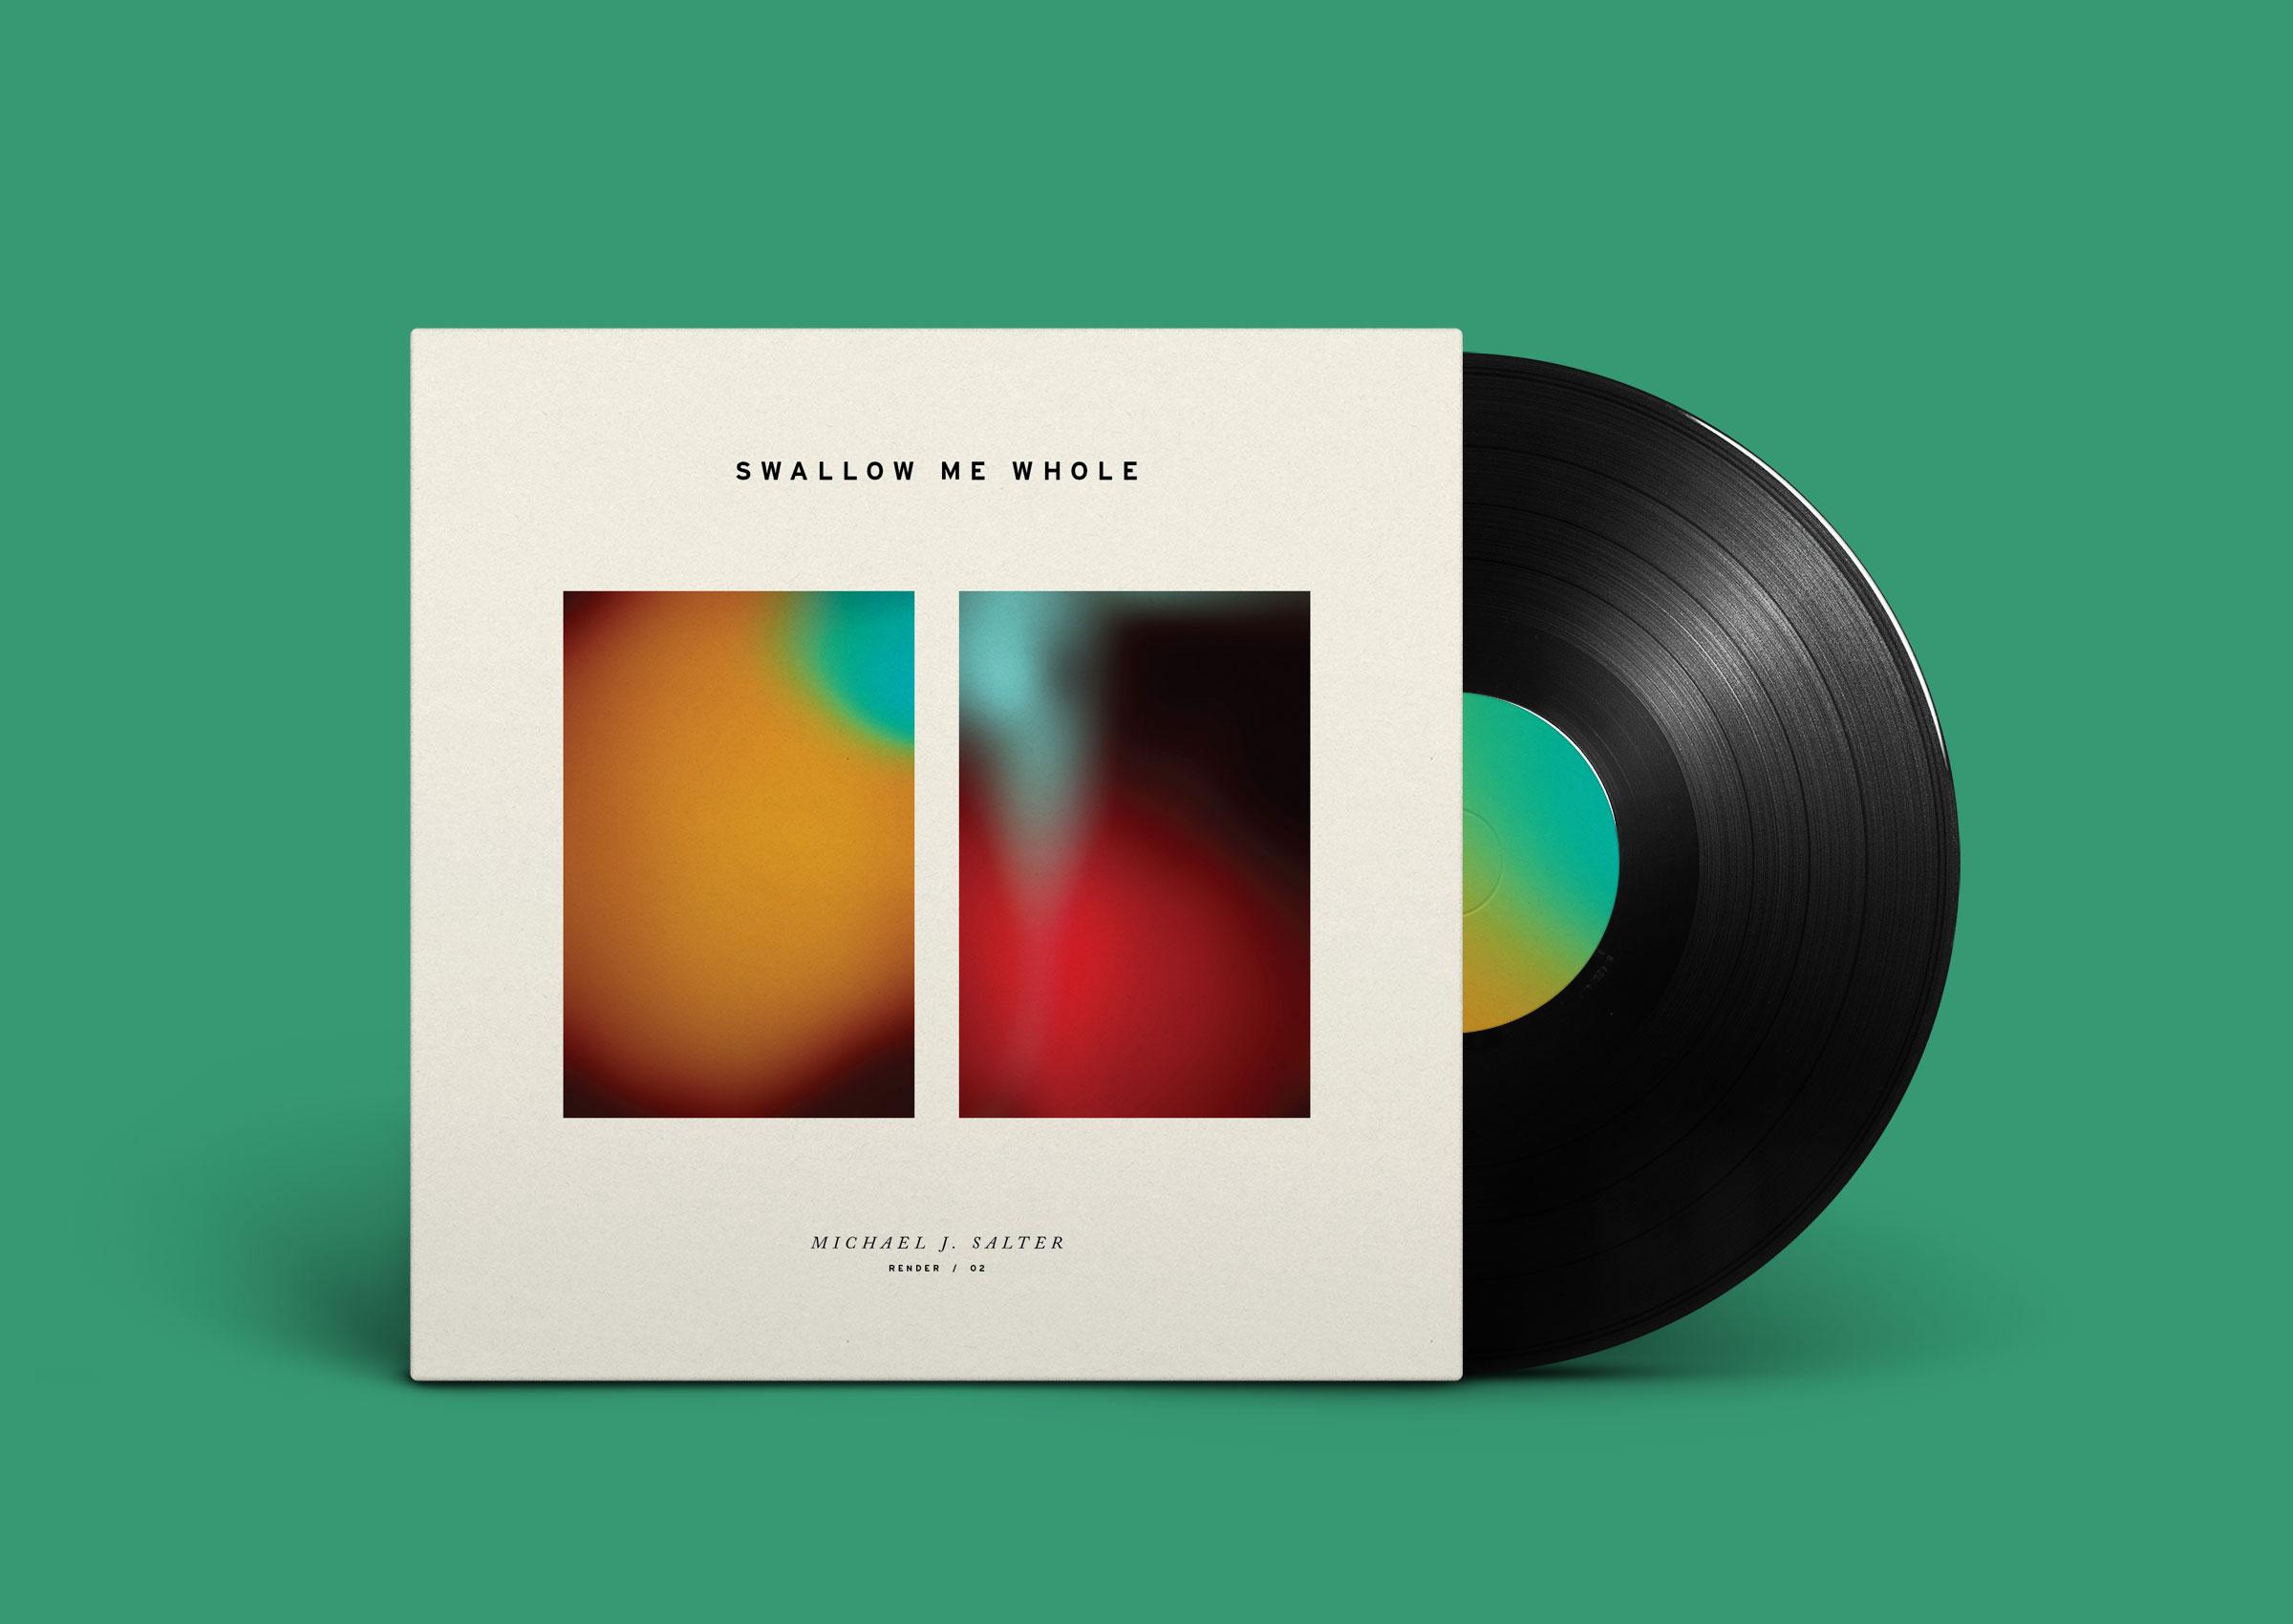 Vinyl-Record-PSD-MockUp-MJS01.jpg